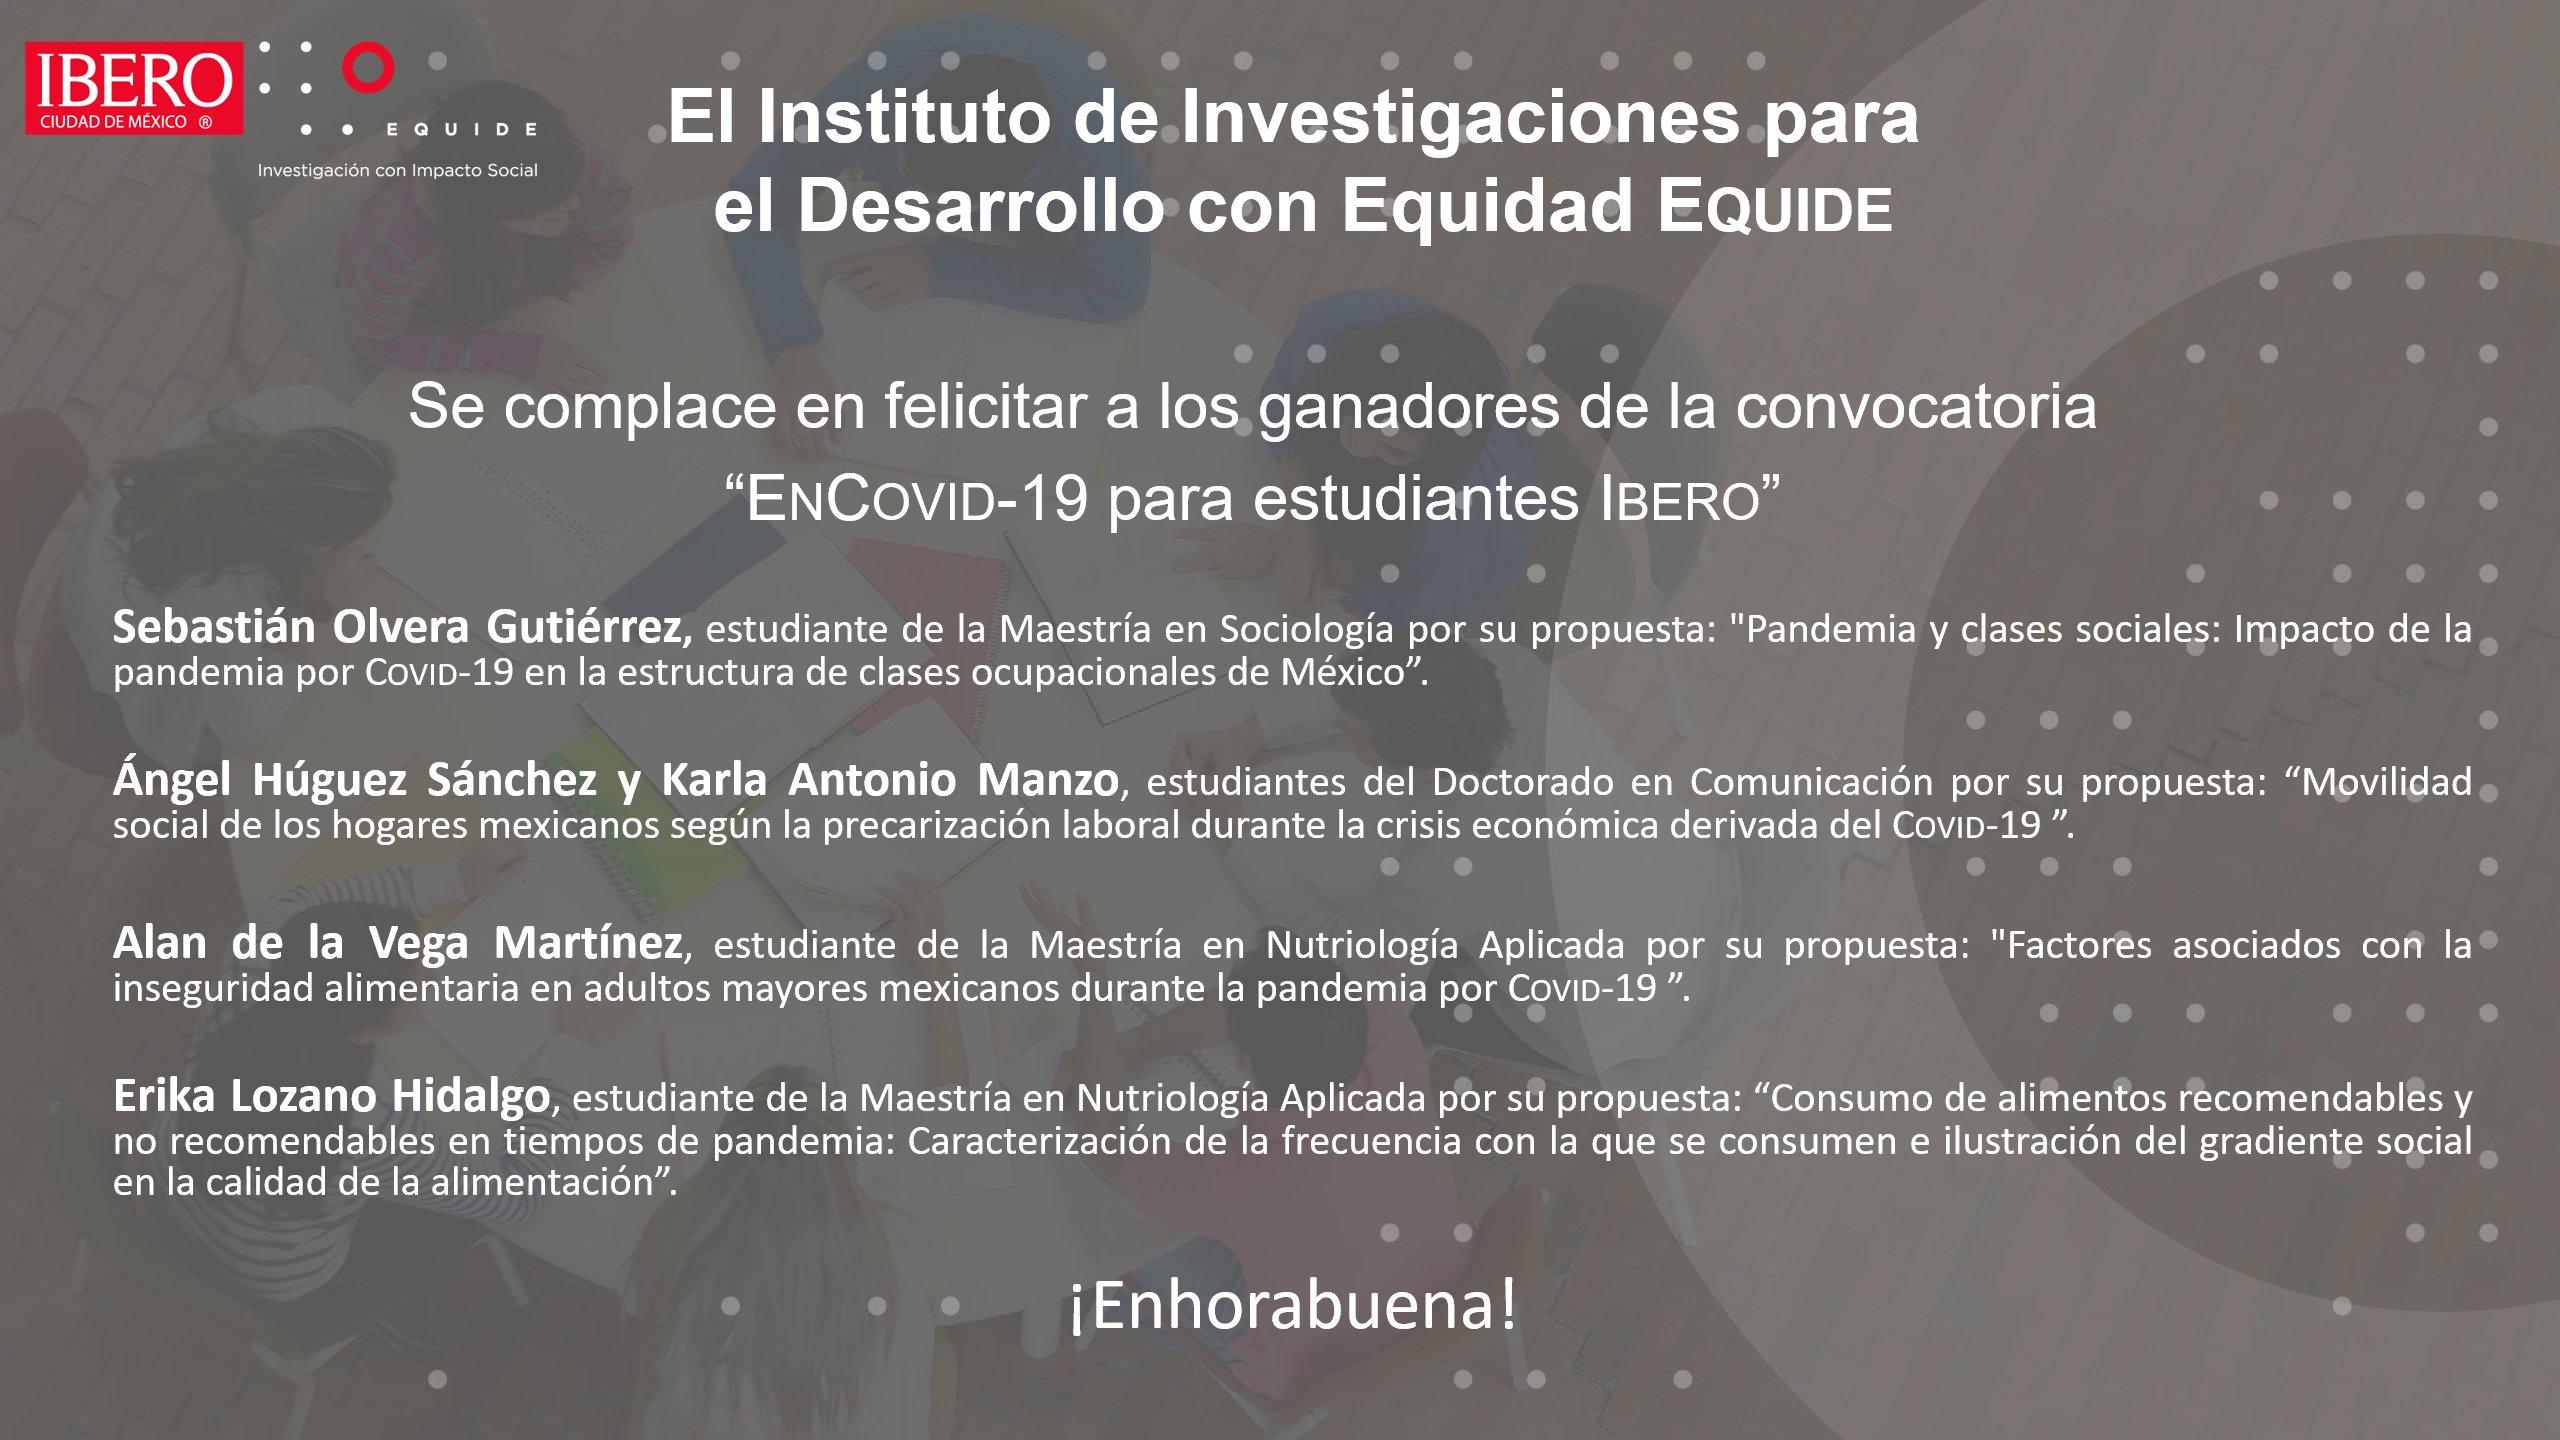 Convocatoria ENCOVID-19 para estudiantes de la IBERO tiene ganadores